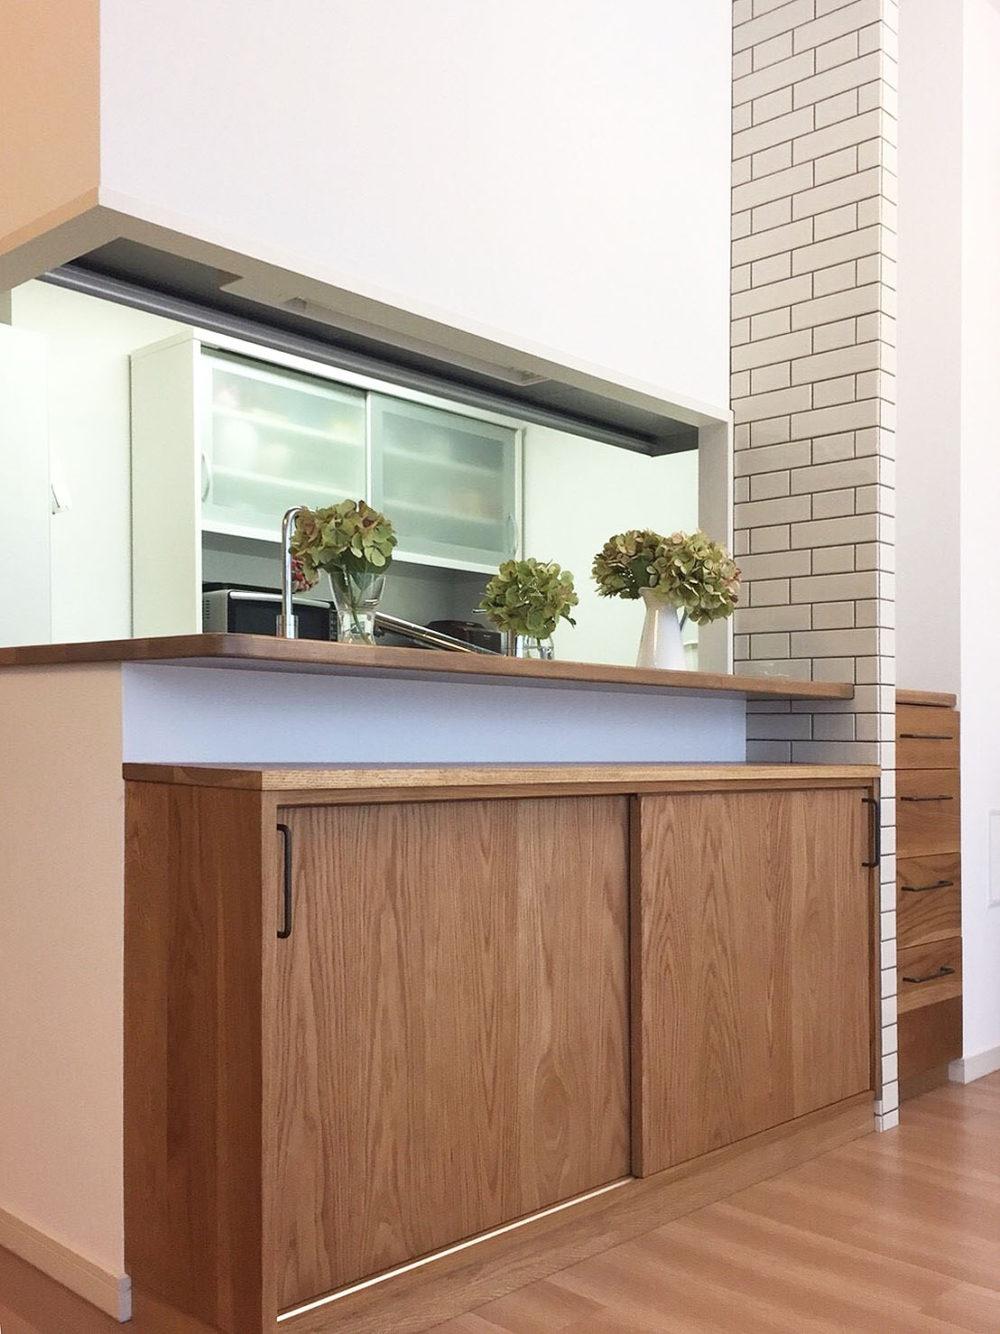 オーダー家具・カウンター下収納・食器棚/関西・大阪